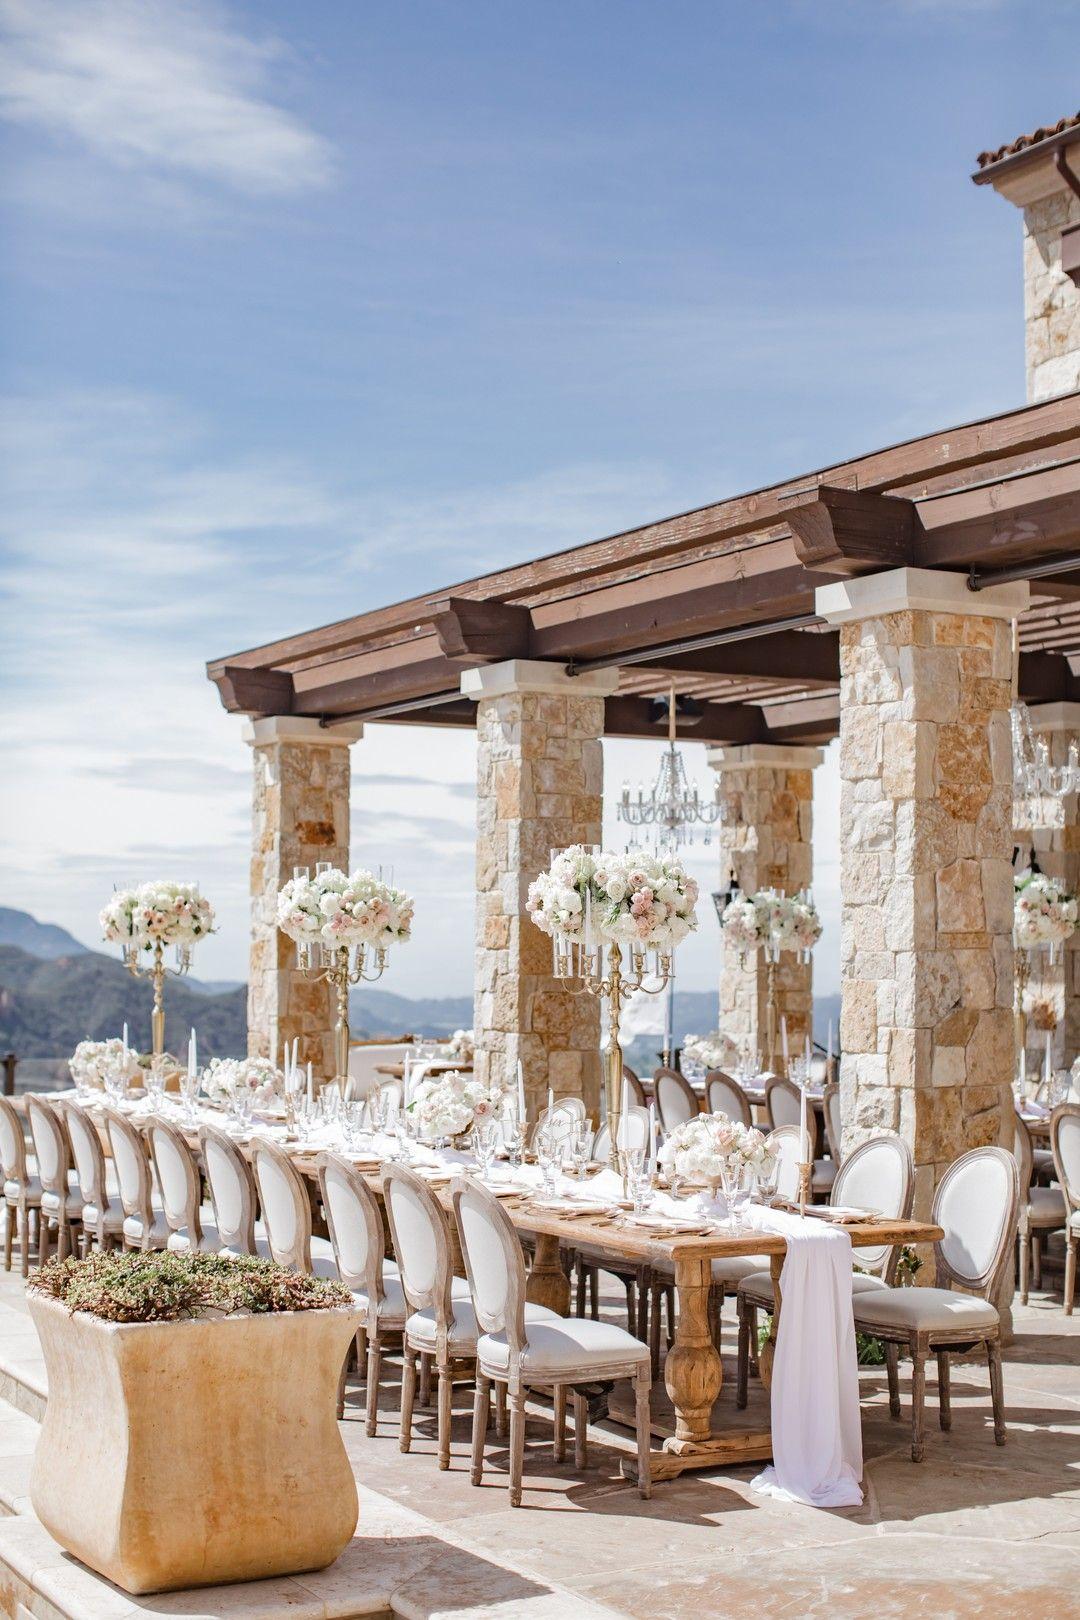 Luxurious Outdoor California Wedding Venue | California ...